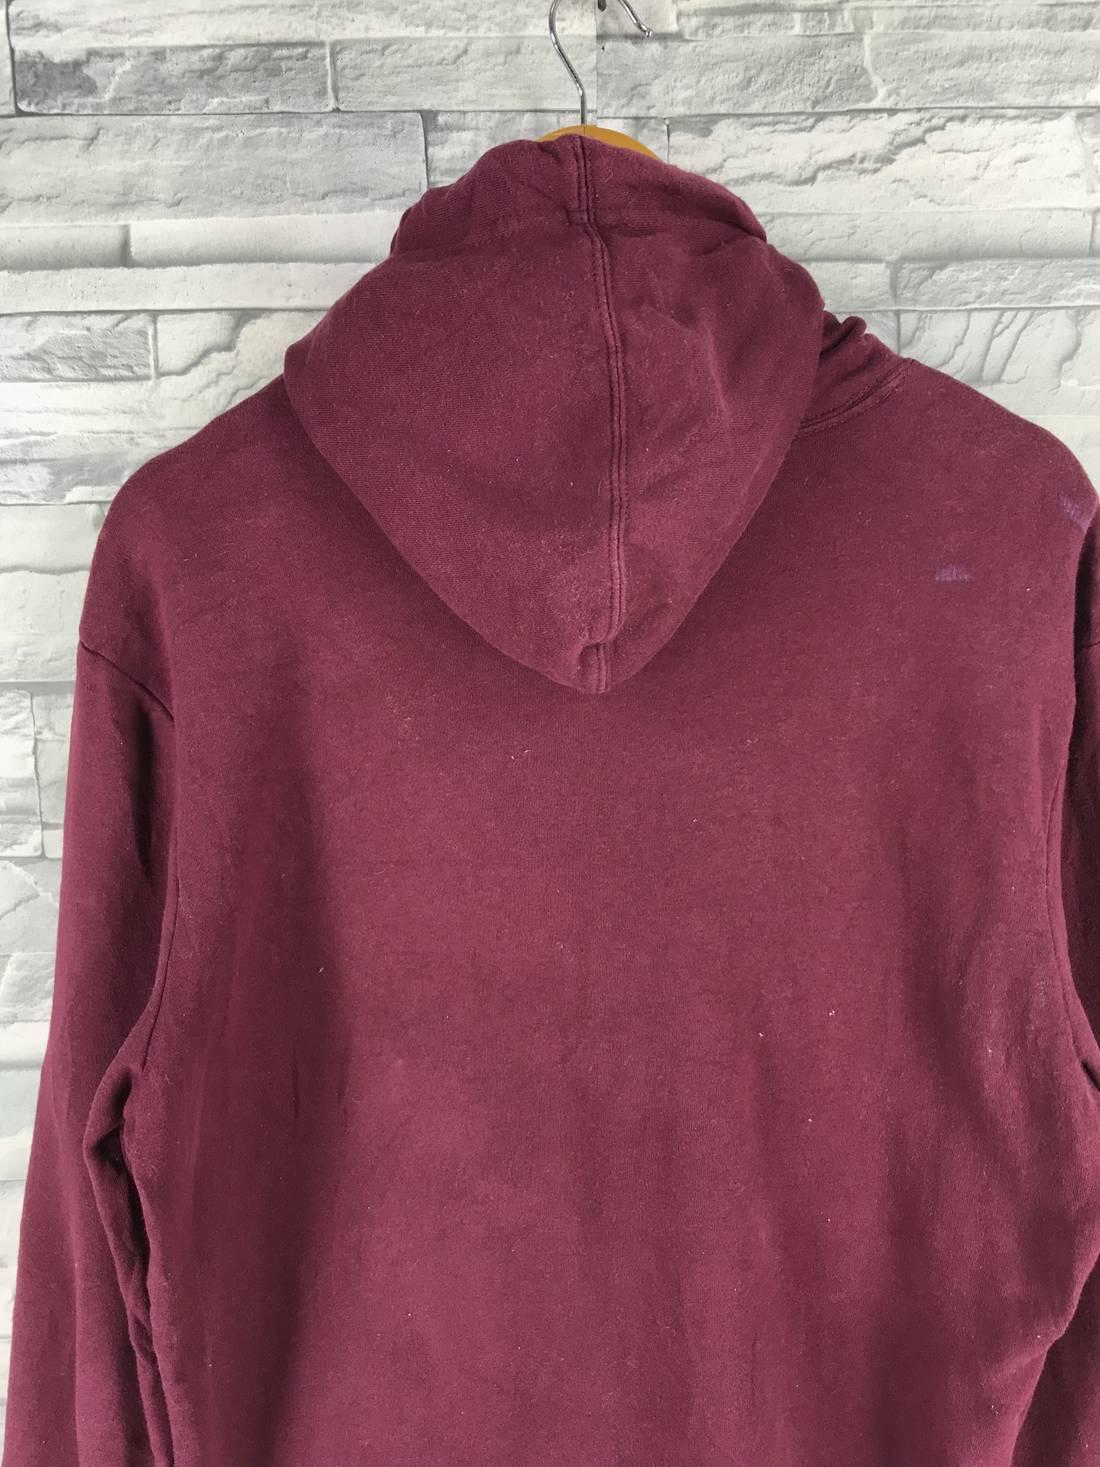 Gap Vintage Hoodie Sweatshirt Ladies Medium Spell Out Sportswear Usa Sweater Burgundy